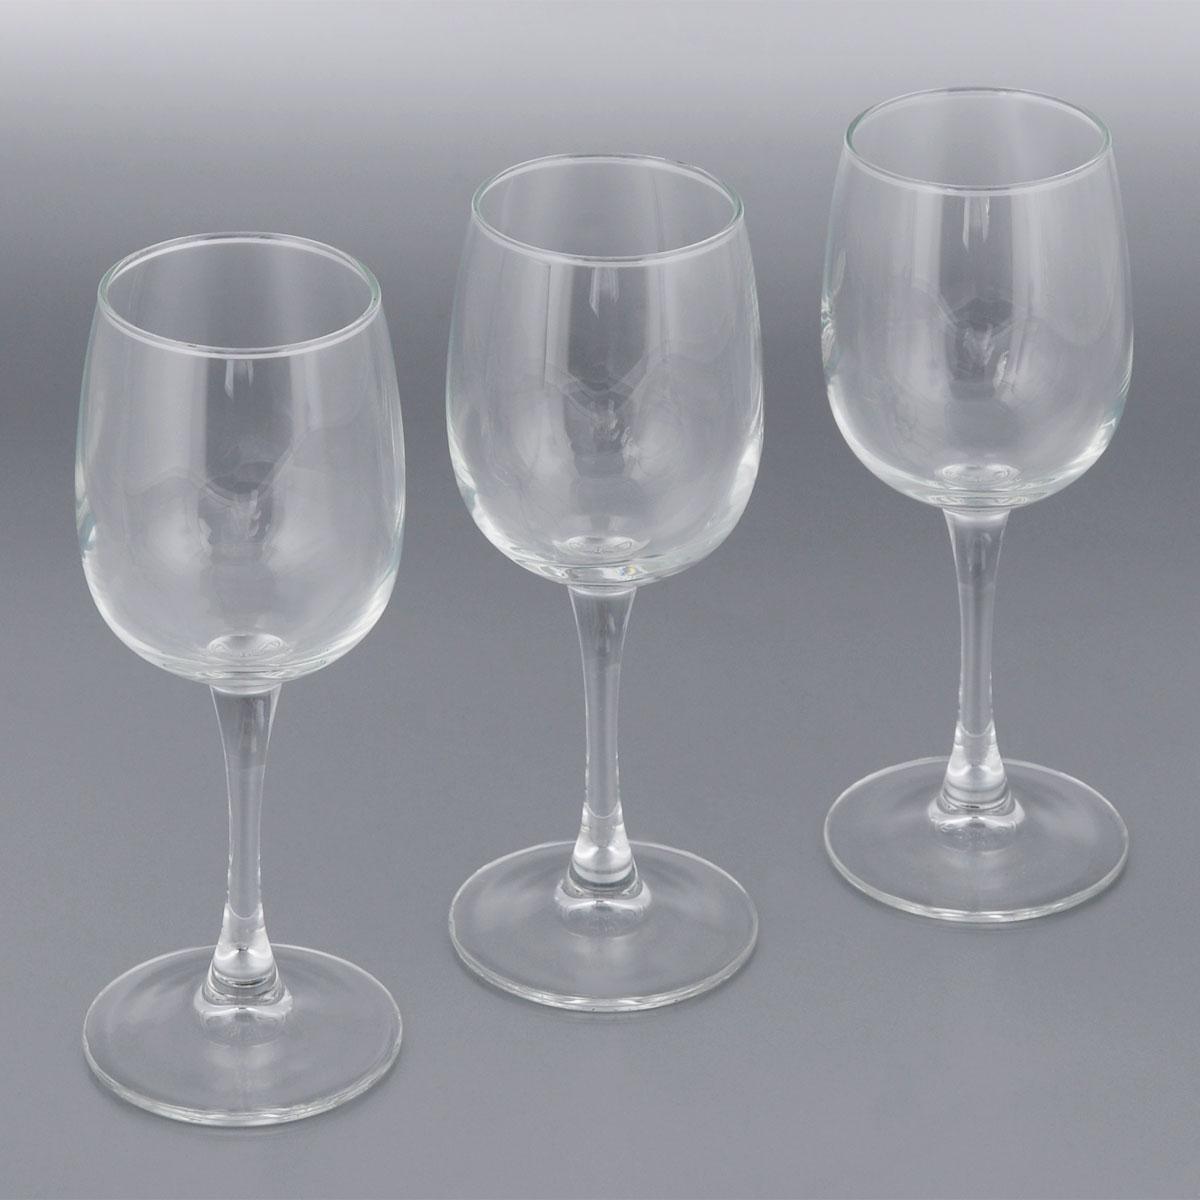 Набор фужеров для вина Luminarc Allegresse, 230 мл, 3 штL1027Набор Luminarc Allegresse состоит из трех классических фужеров, выполненных из прочного стекла. Изделия оснащены высокими ножками и предназначены для подачи вина. Они сочетают в себе элегантный дизайн и функциональность. Благодаря такому набору пить напитки будет еще вкуснее. Набор фужеров Allegresse прекрасно оформит праздничный стол и создаст приятную атмосферу за романтическим ужином. Такой набор также станет хорошим подарком к любому случаю. Можно мыть в посудомоечной машине. Диаметр фужера (по верхнему краю): 5,8 см. Высота фужера: 18,2 см.